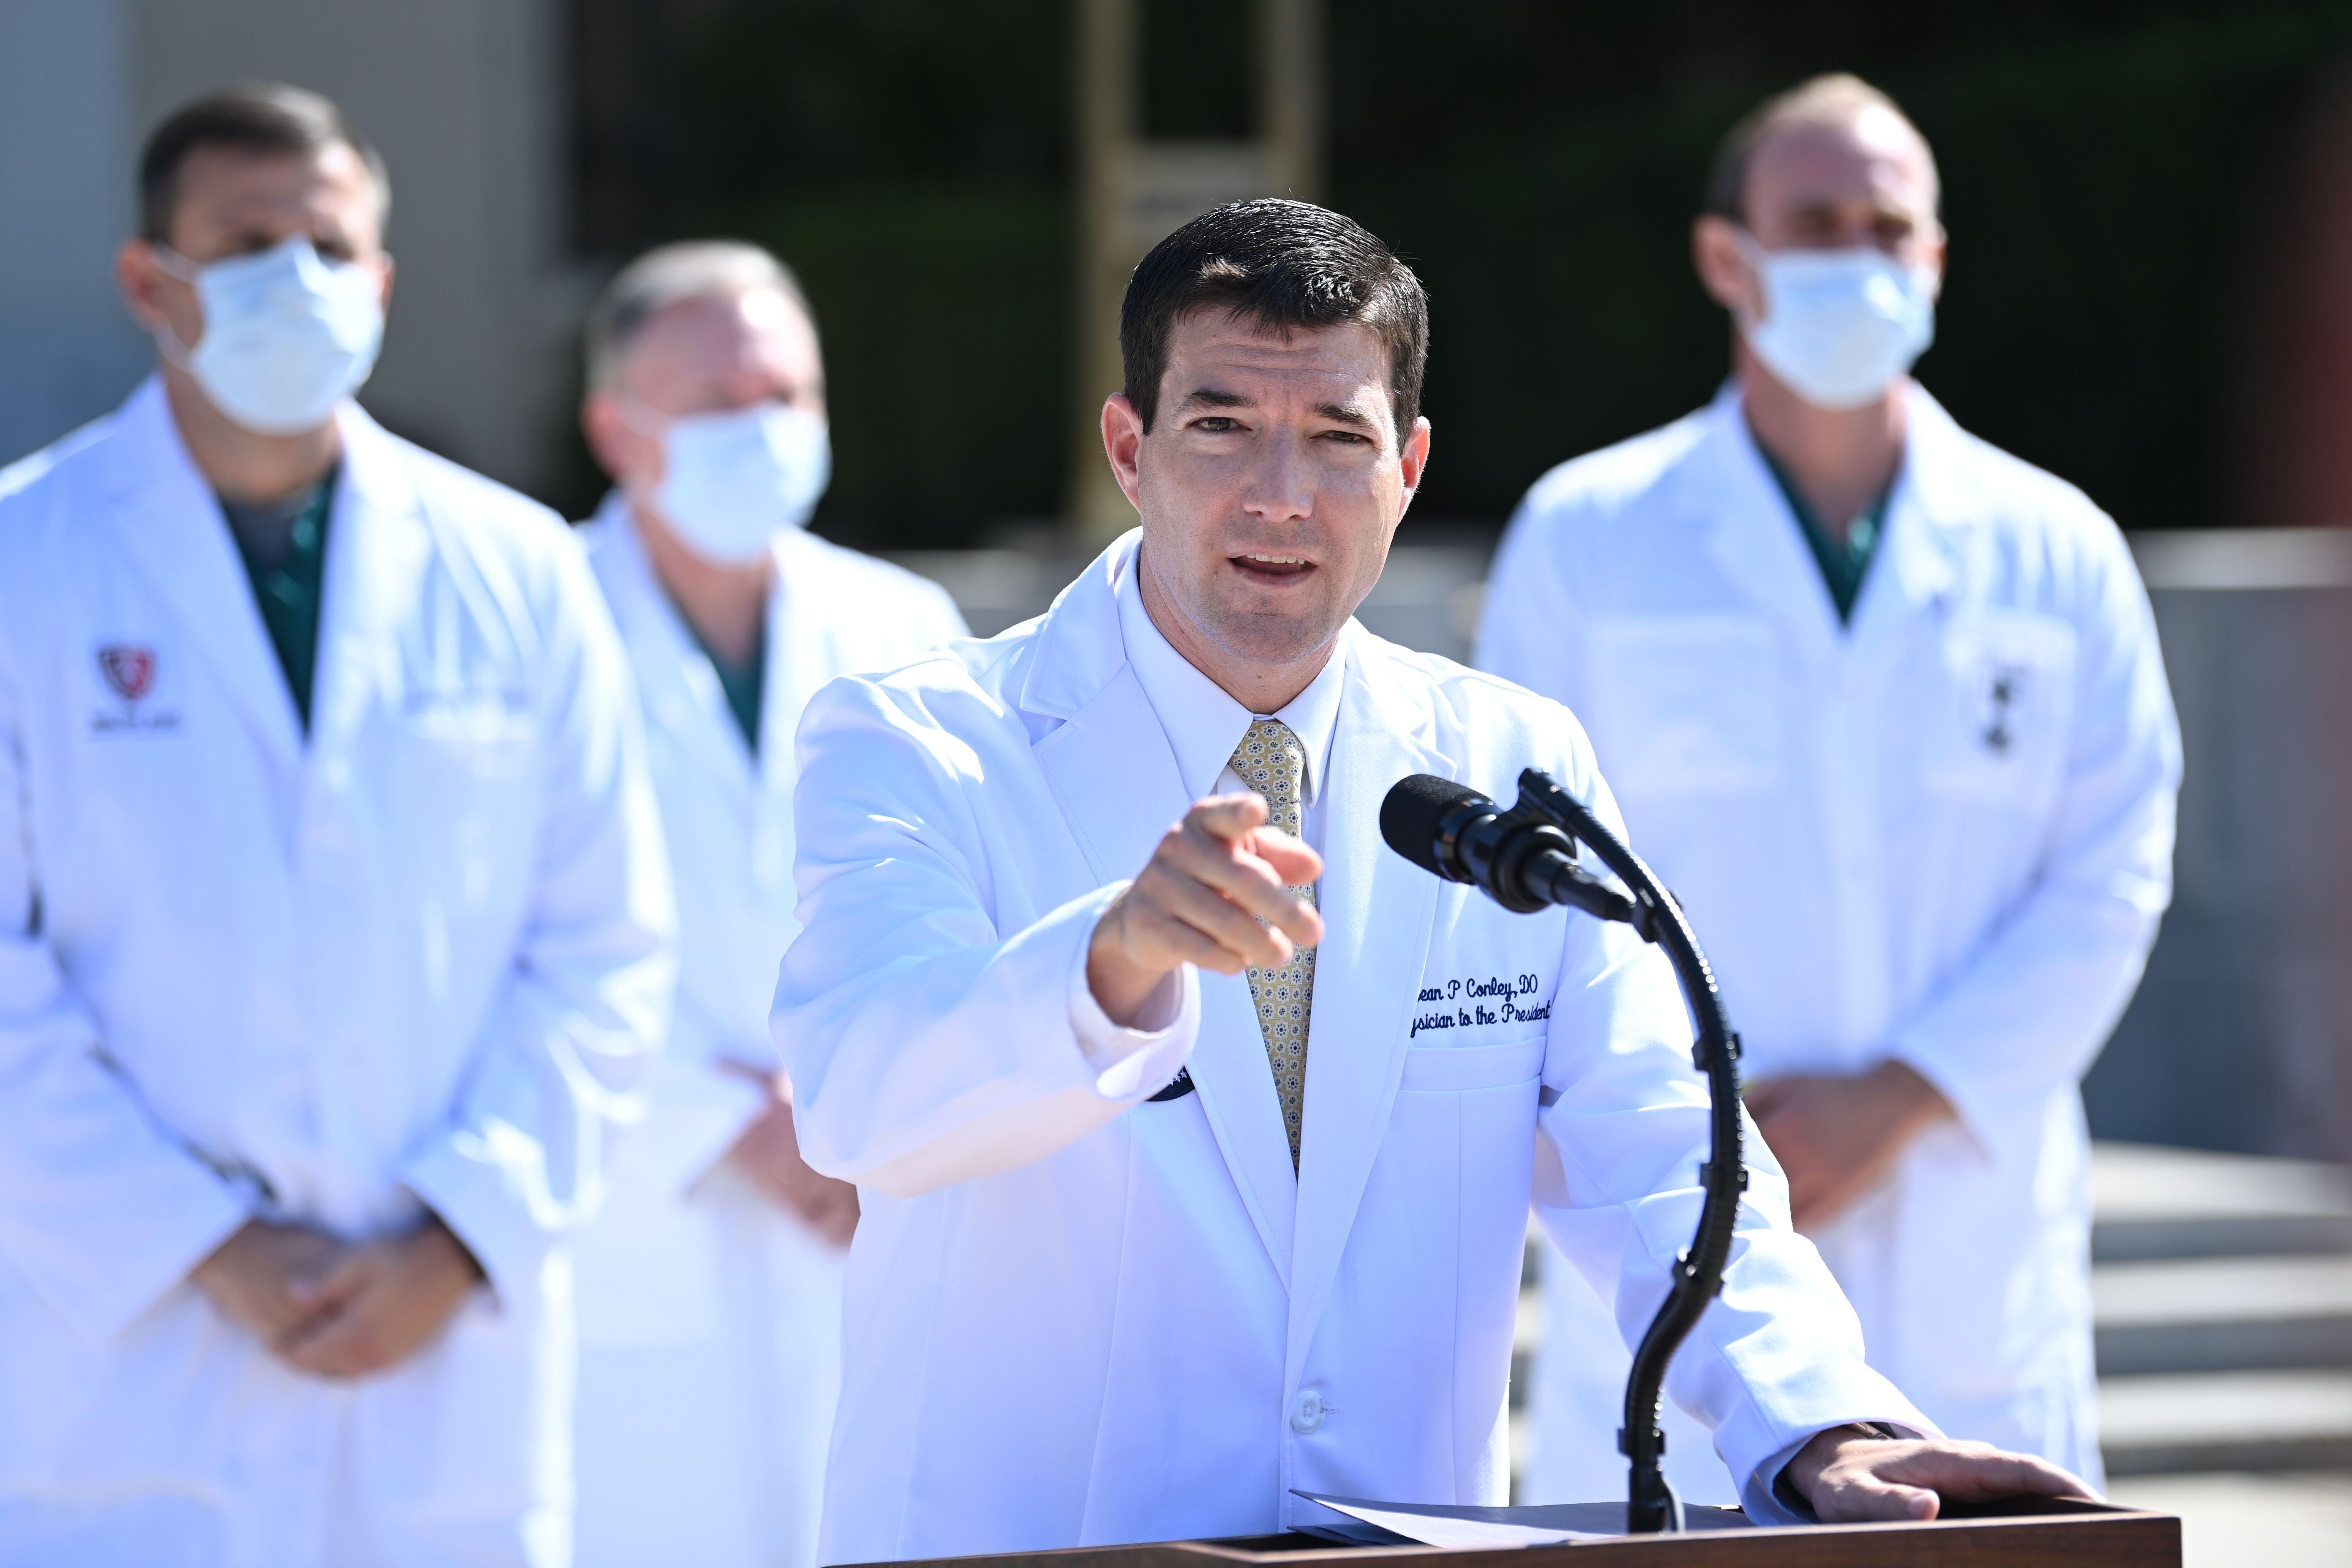 الدكتور شون كونلي طبيب البيت الأبيض يقدم تقريراً عن حالة ترامب خارج مركز والتر ريد الطبي حيث يعالج الرئيس الأمريكي